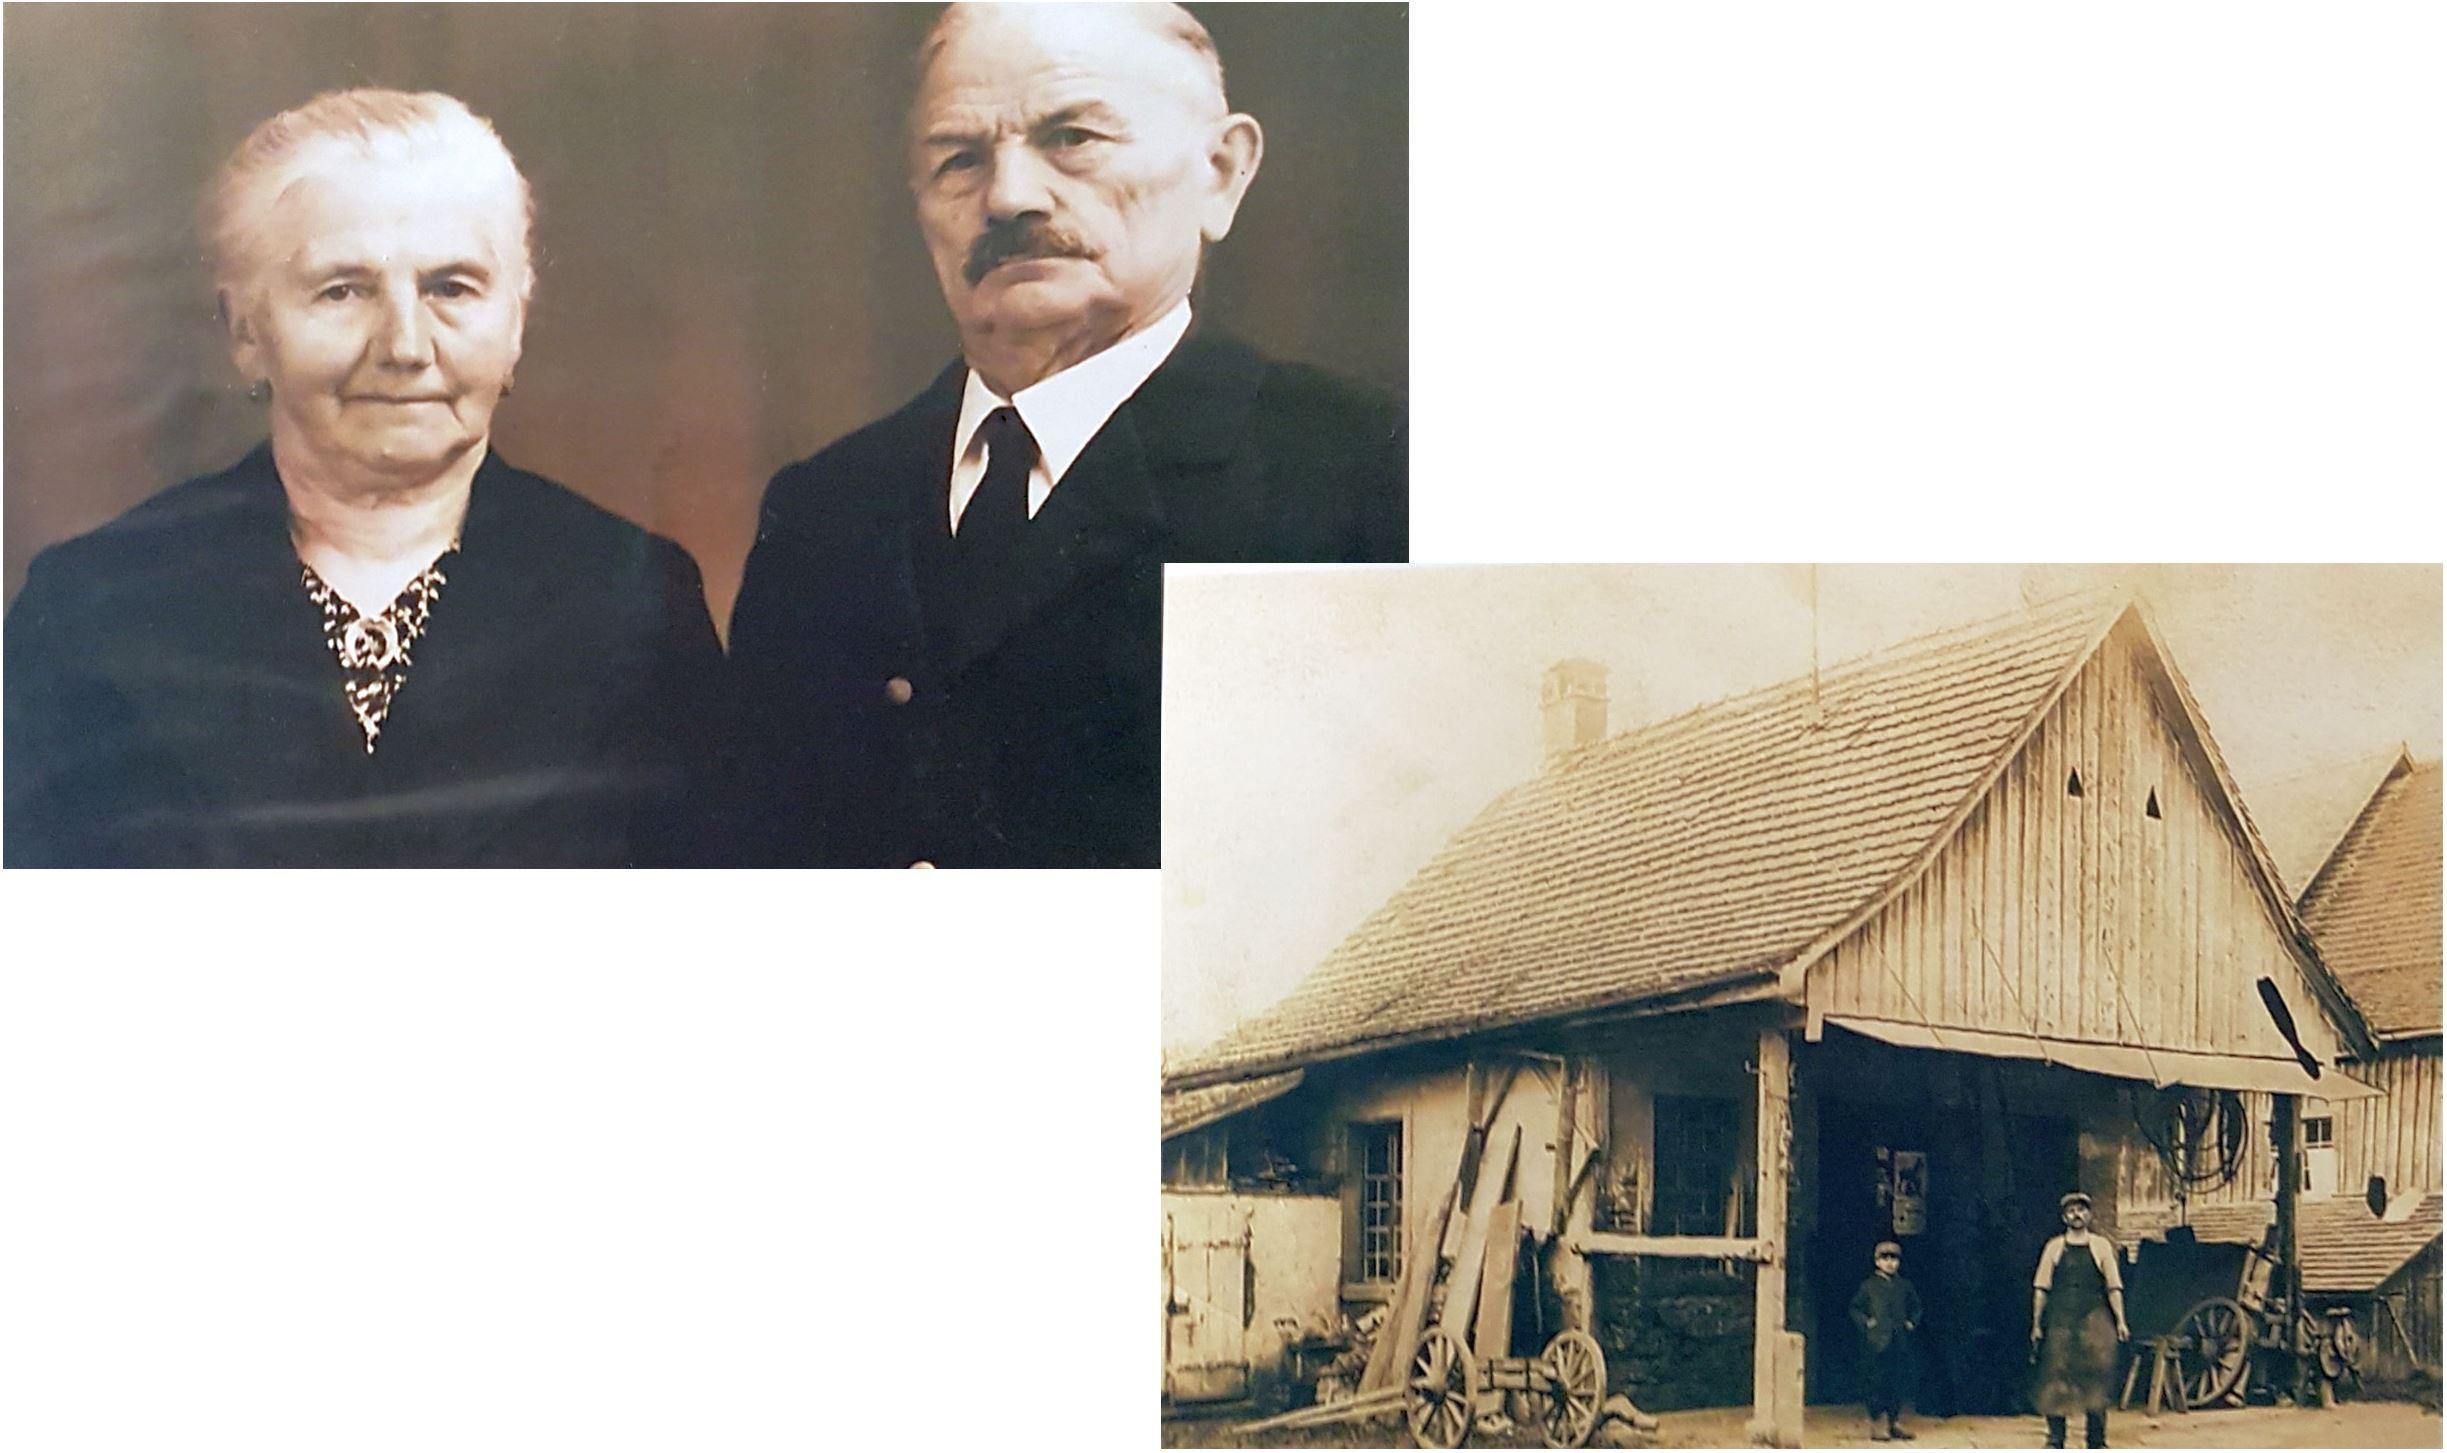 Wilhelm Weder (1871-1962)